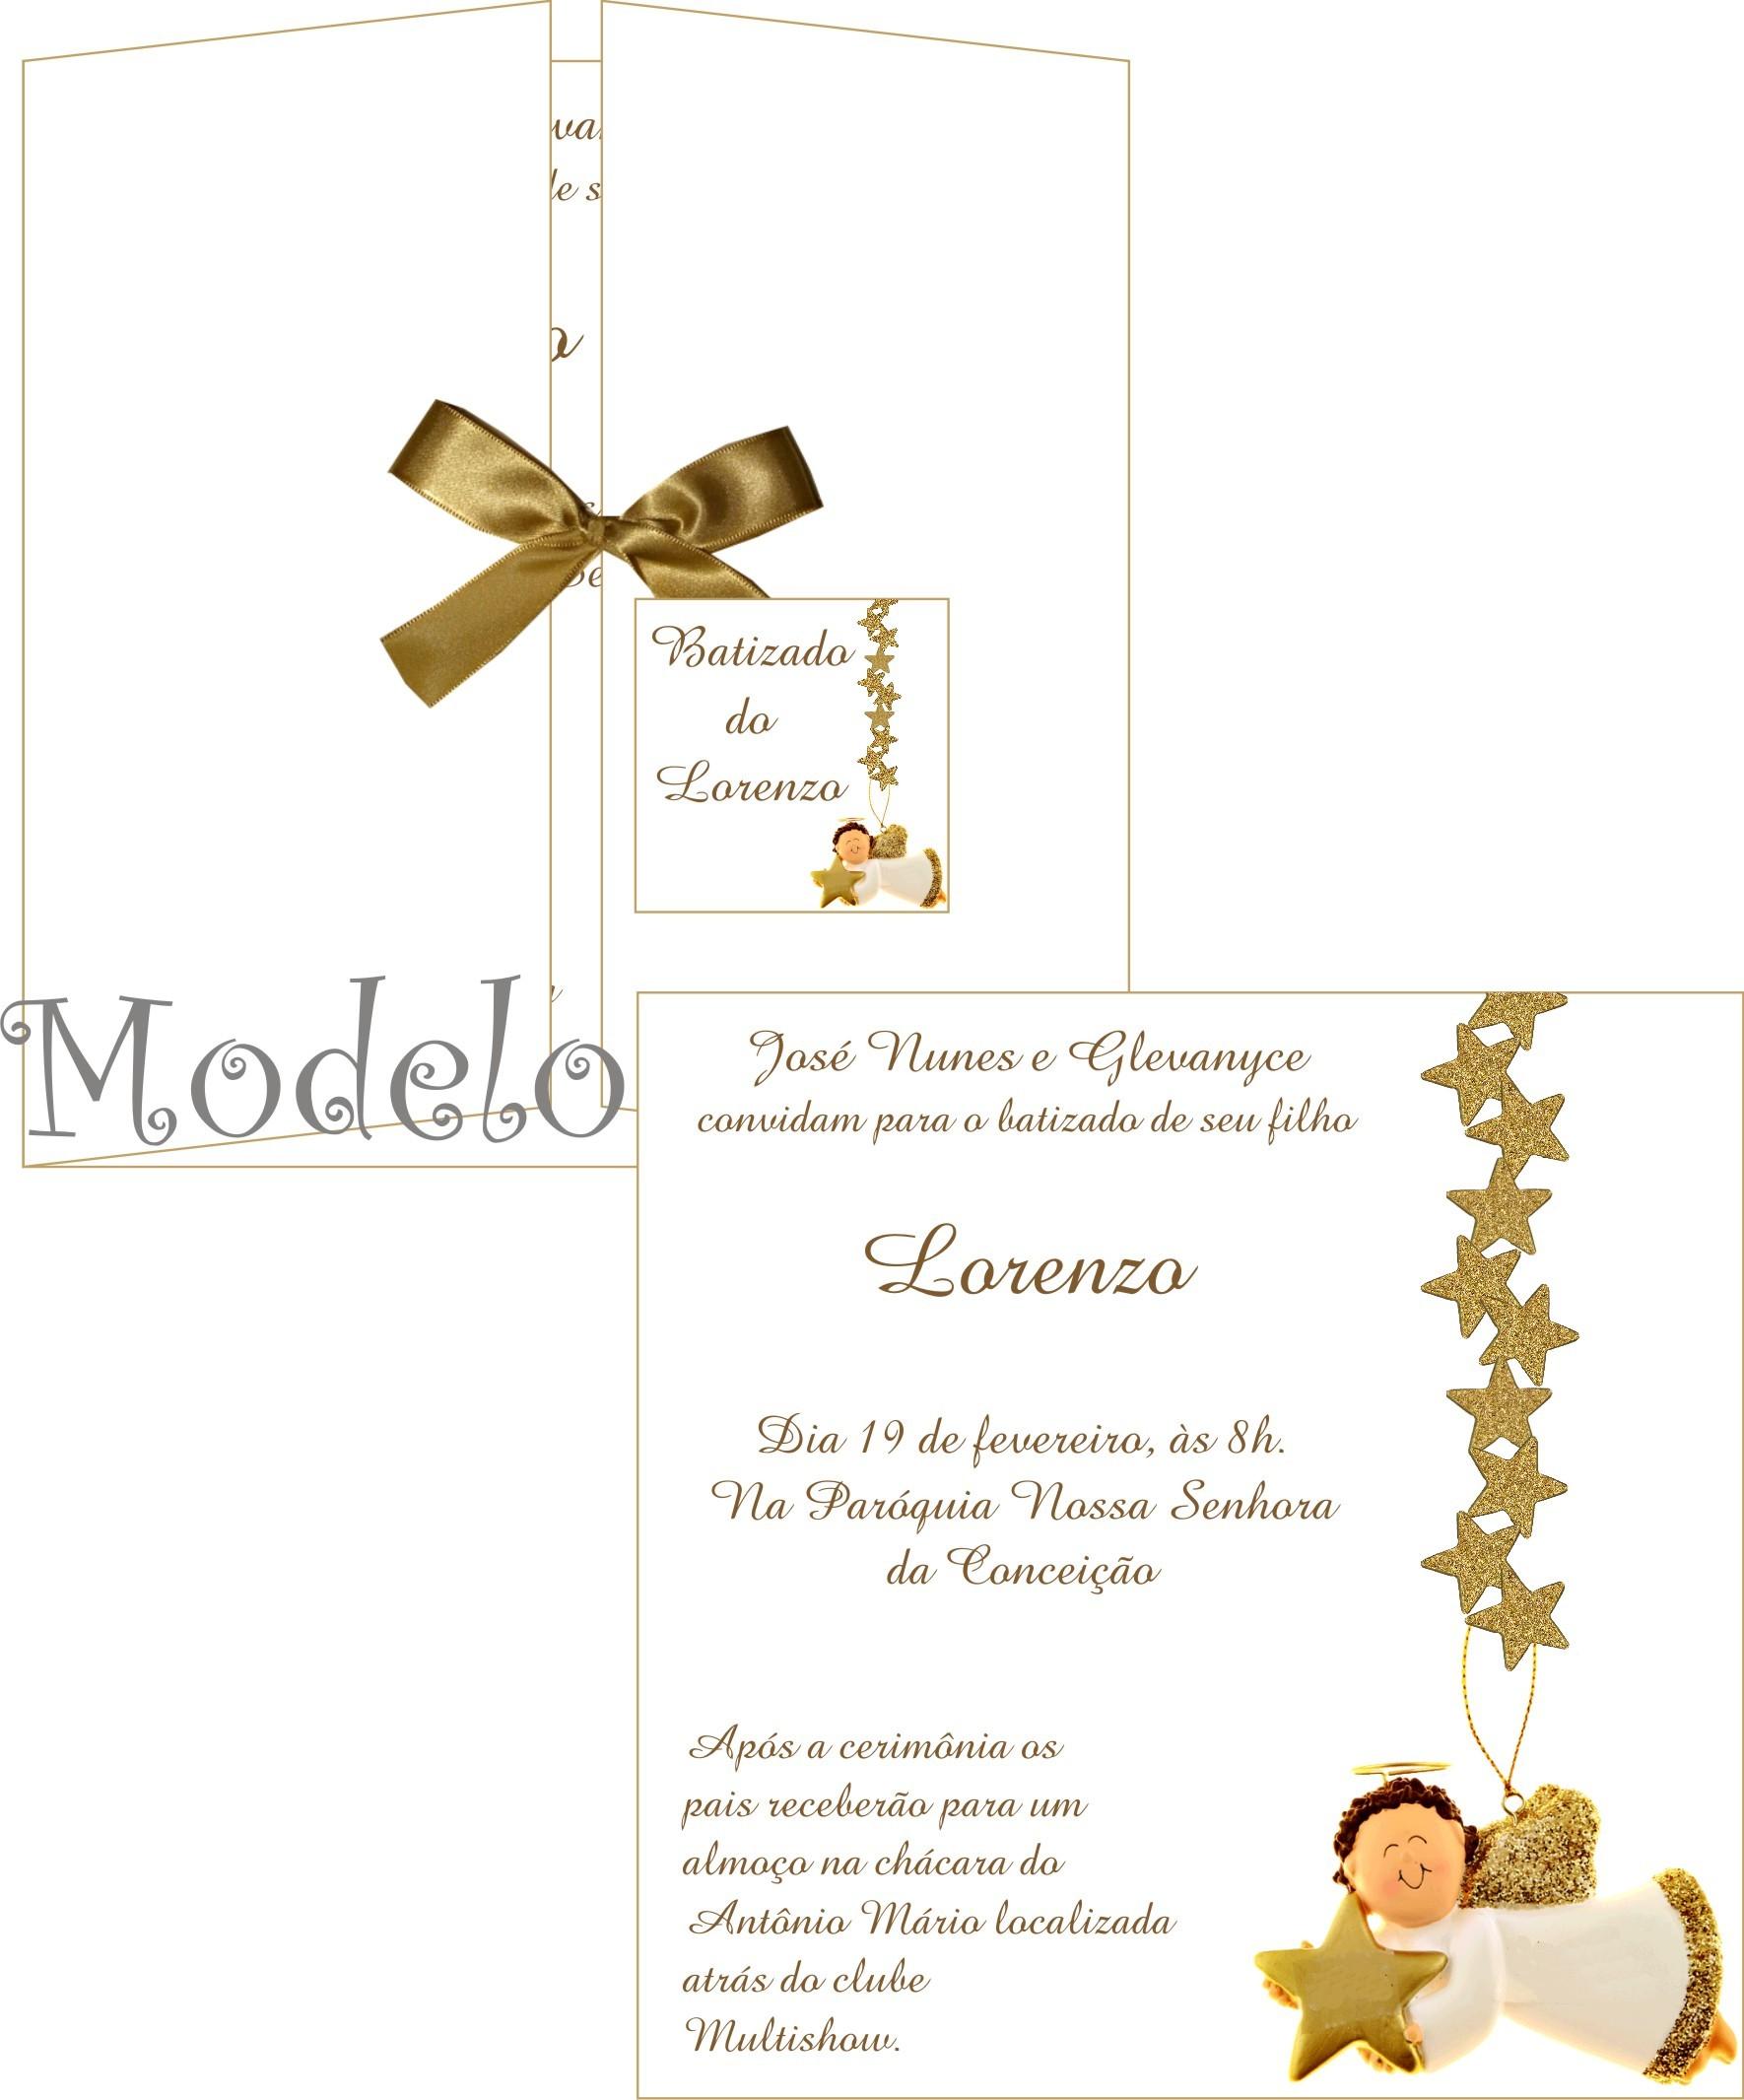 Convites Dizeres Para Convite De Casamento Imagens Para